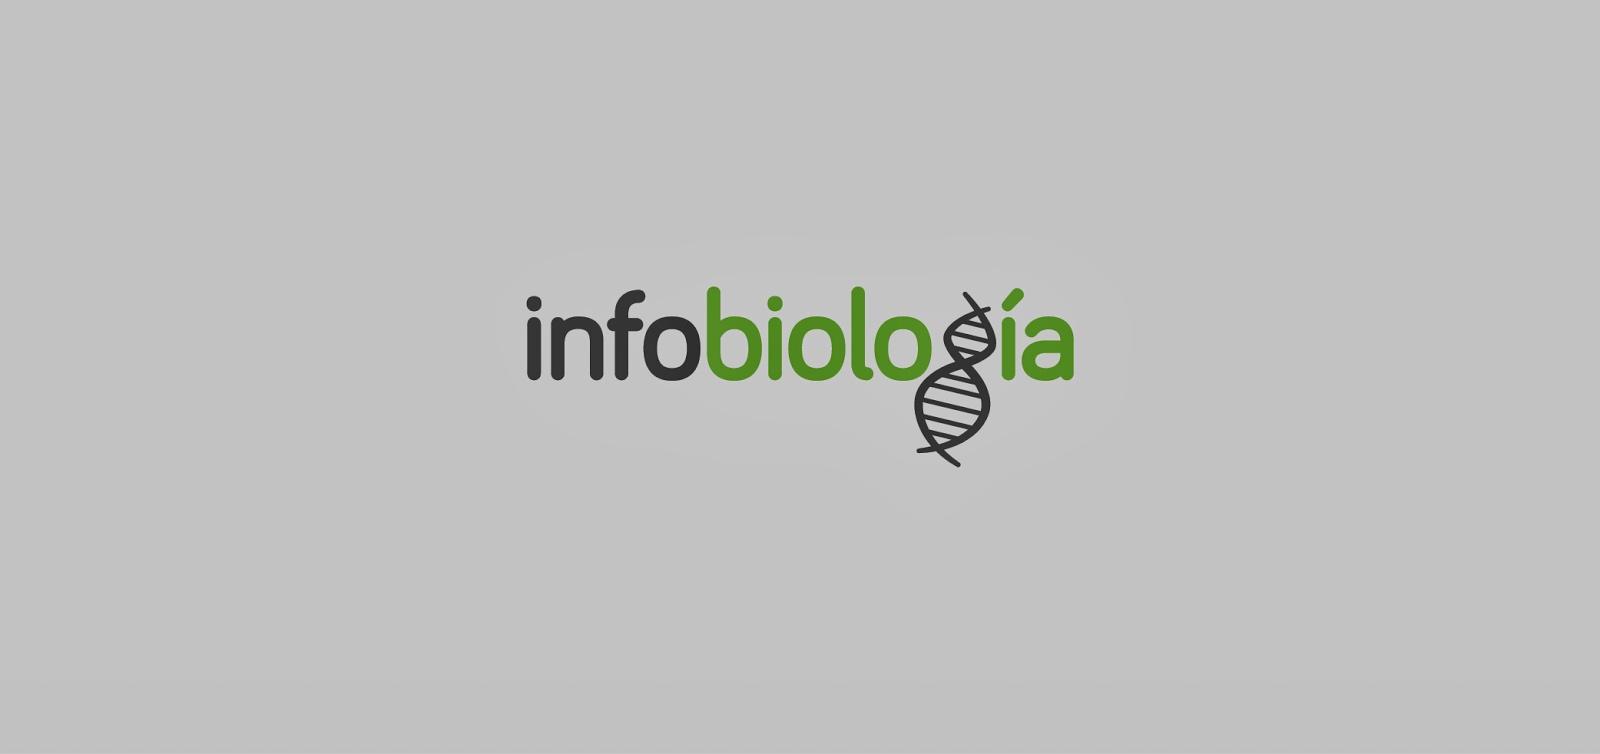 Infobiologia, blog de biologia